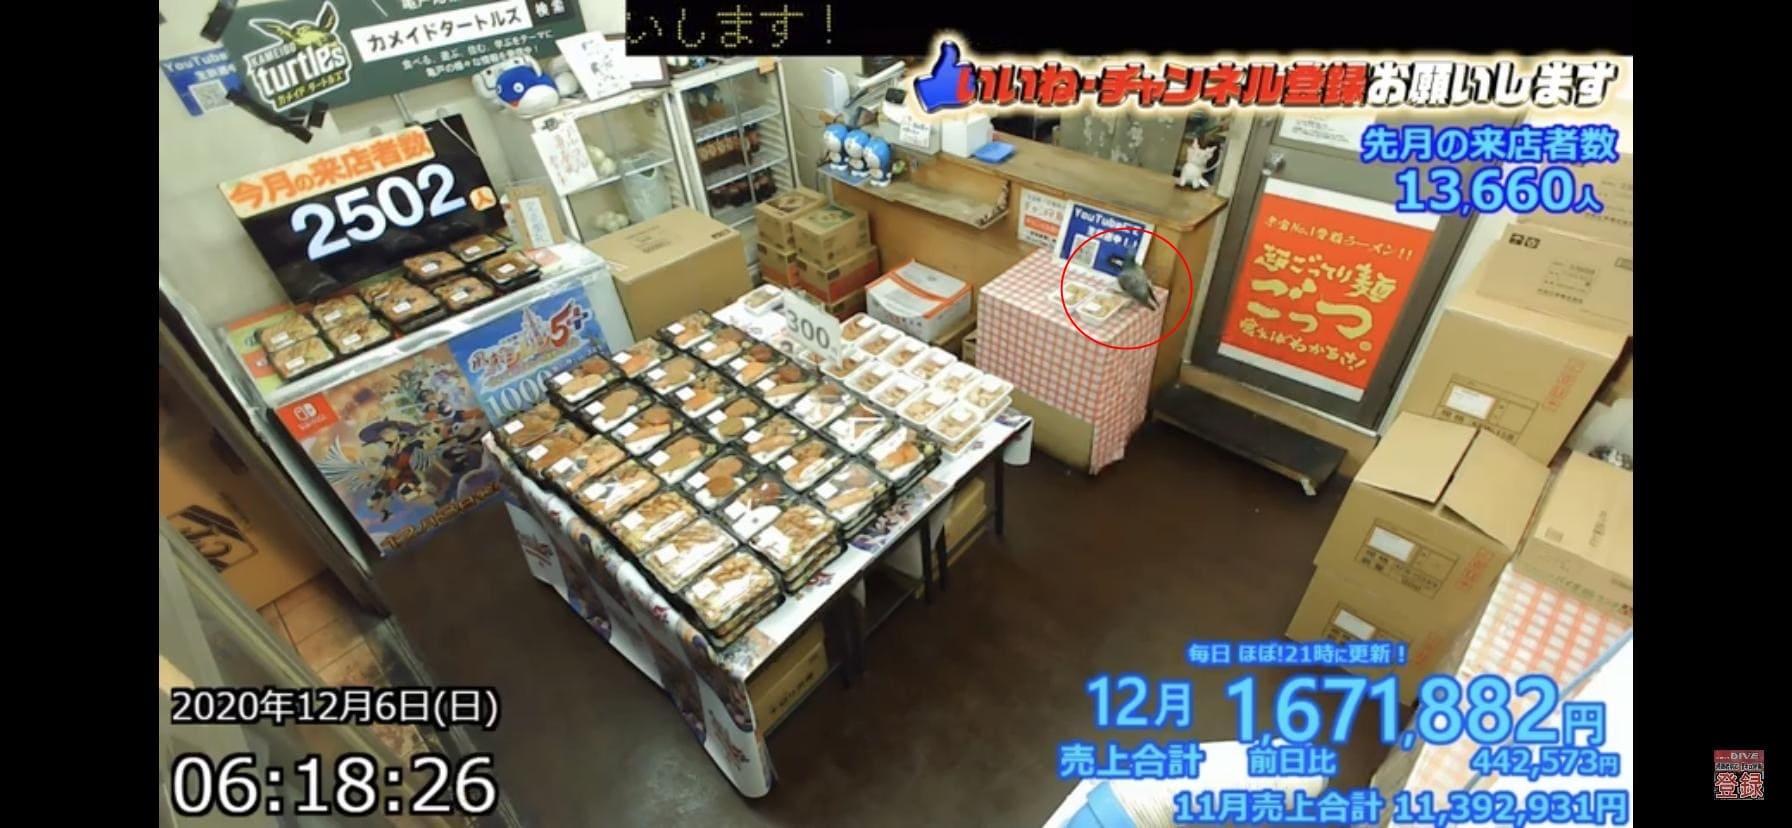 キッチンDIVE鳩2